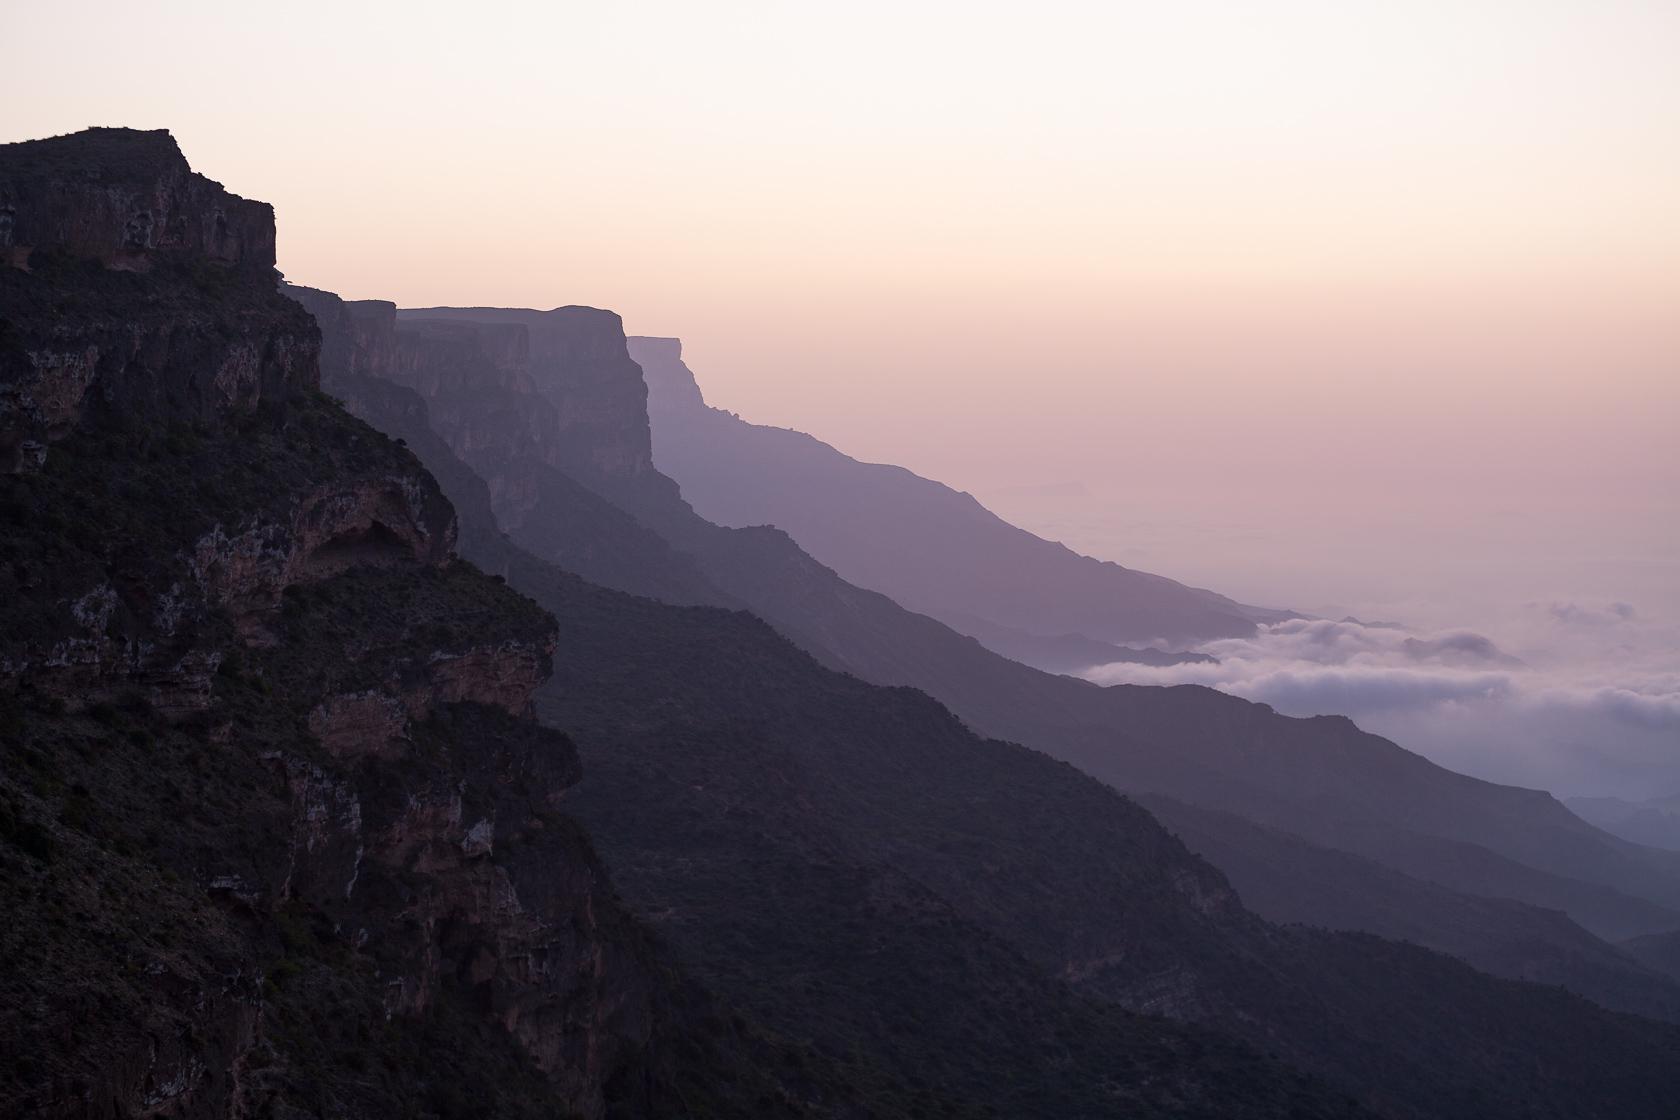 montagne du Djebel Shaman dans le Dhofar, à Oman